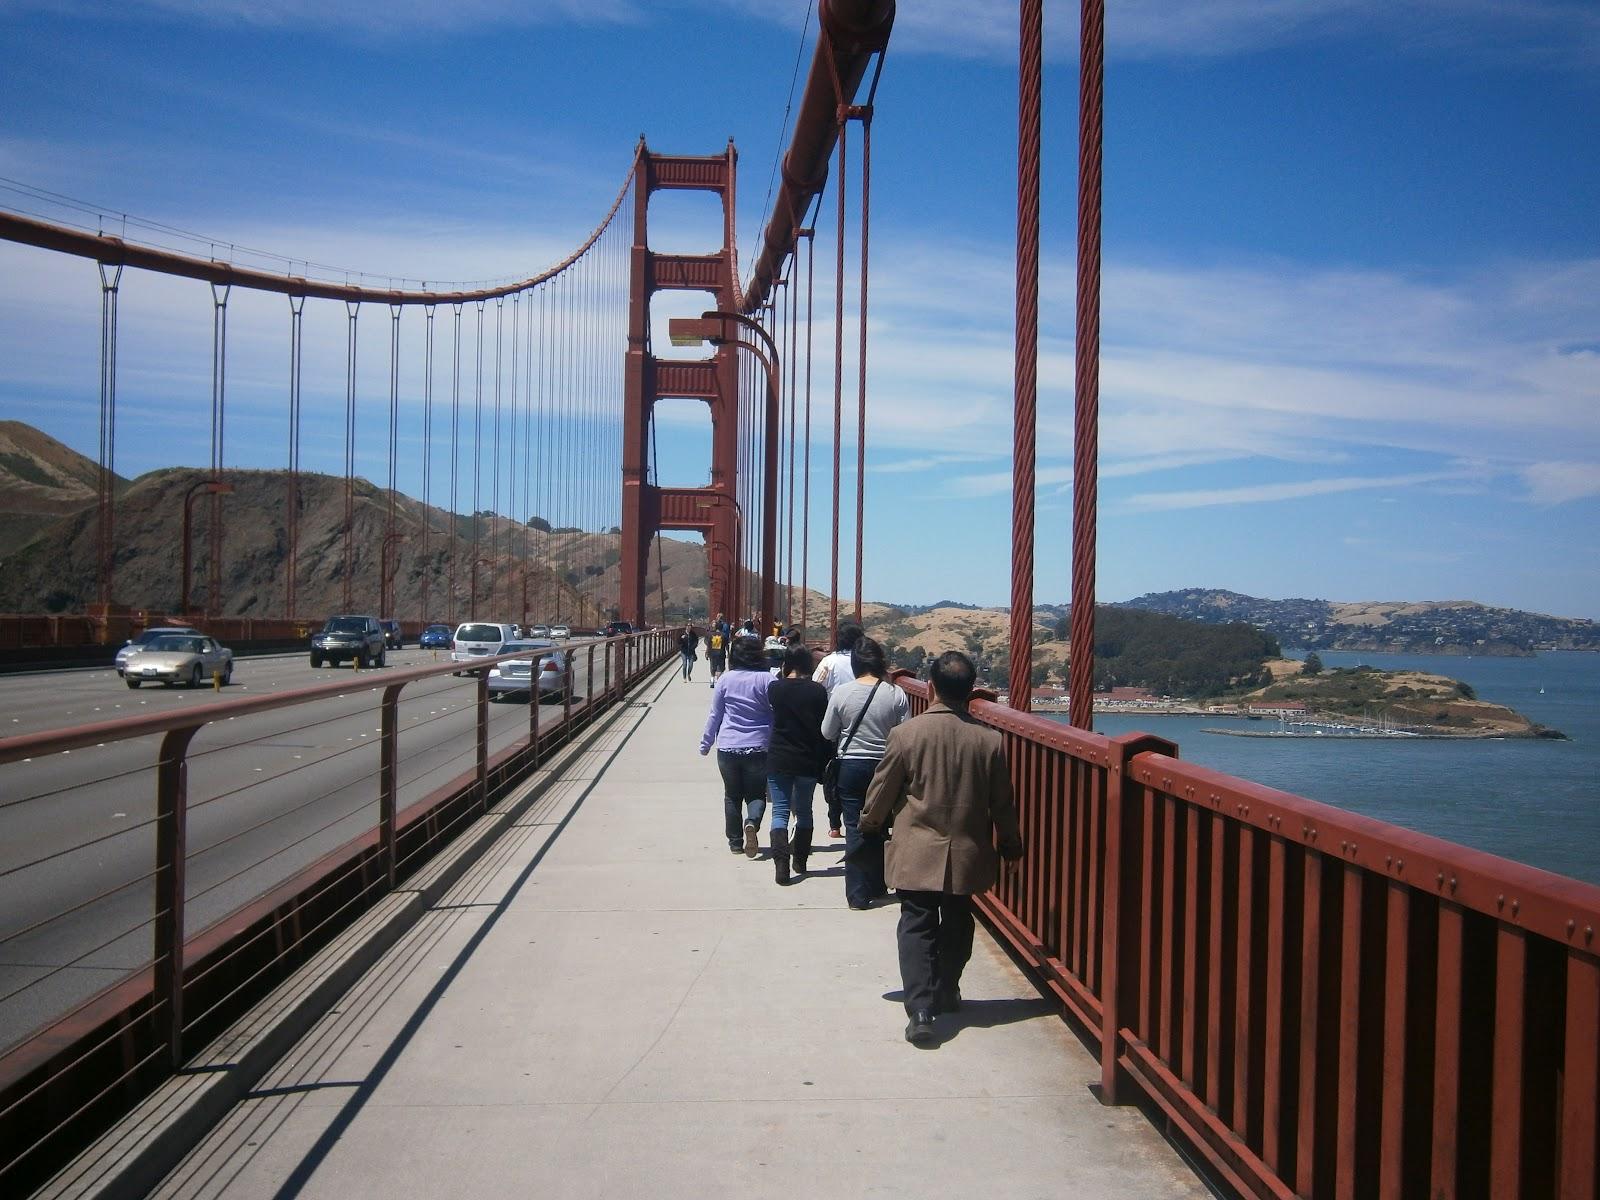 Adventures in Weseland: Golden Gate Bridge Walk in Pictures